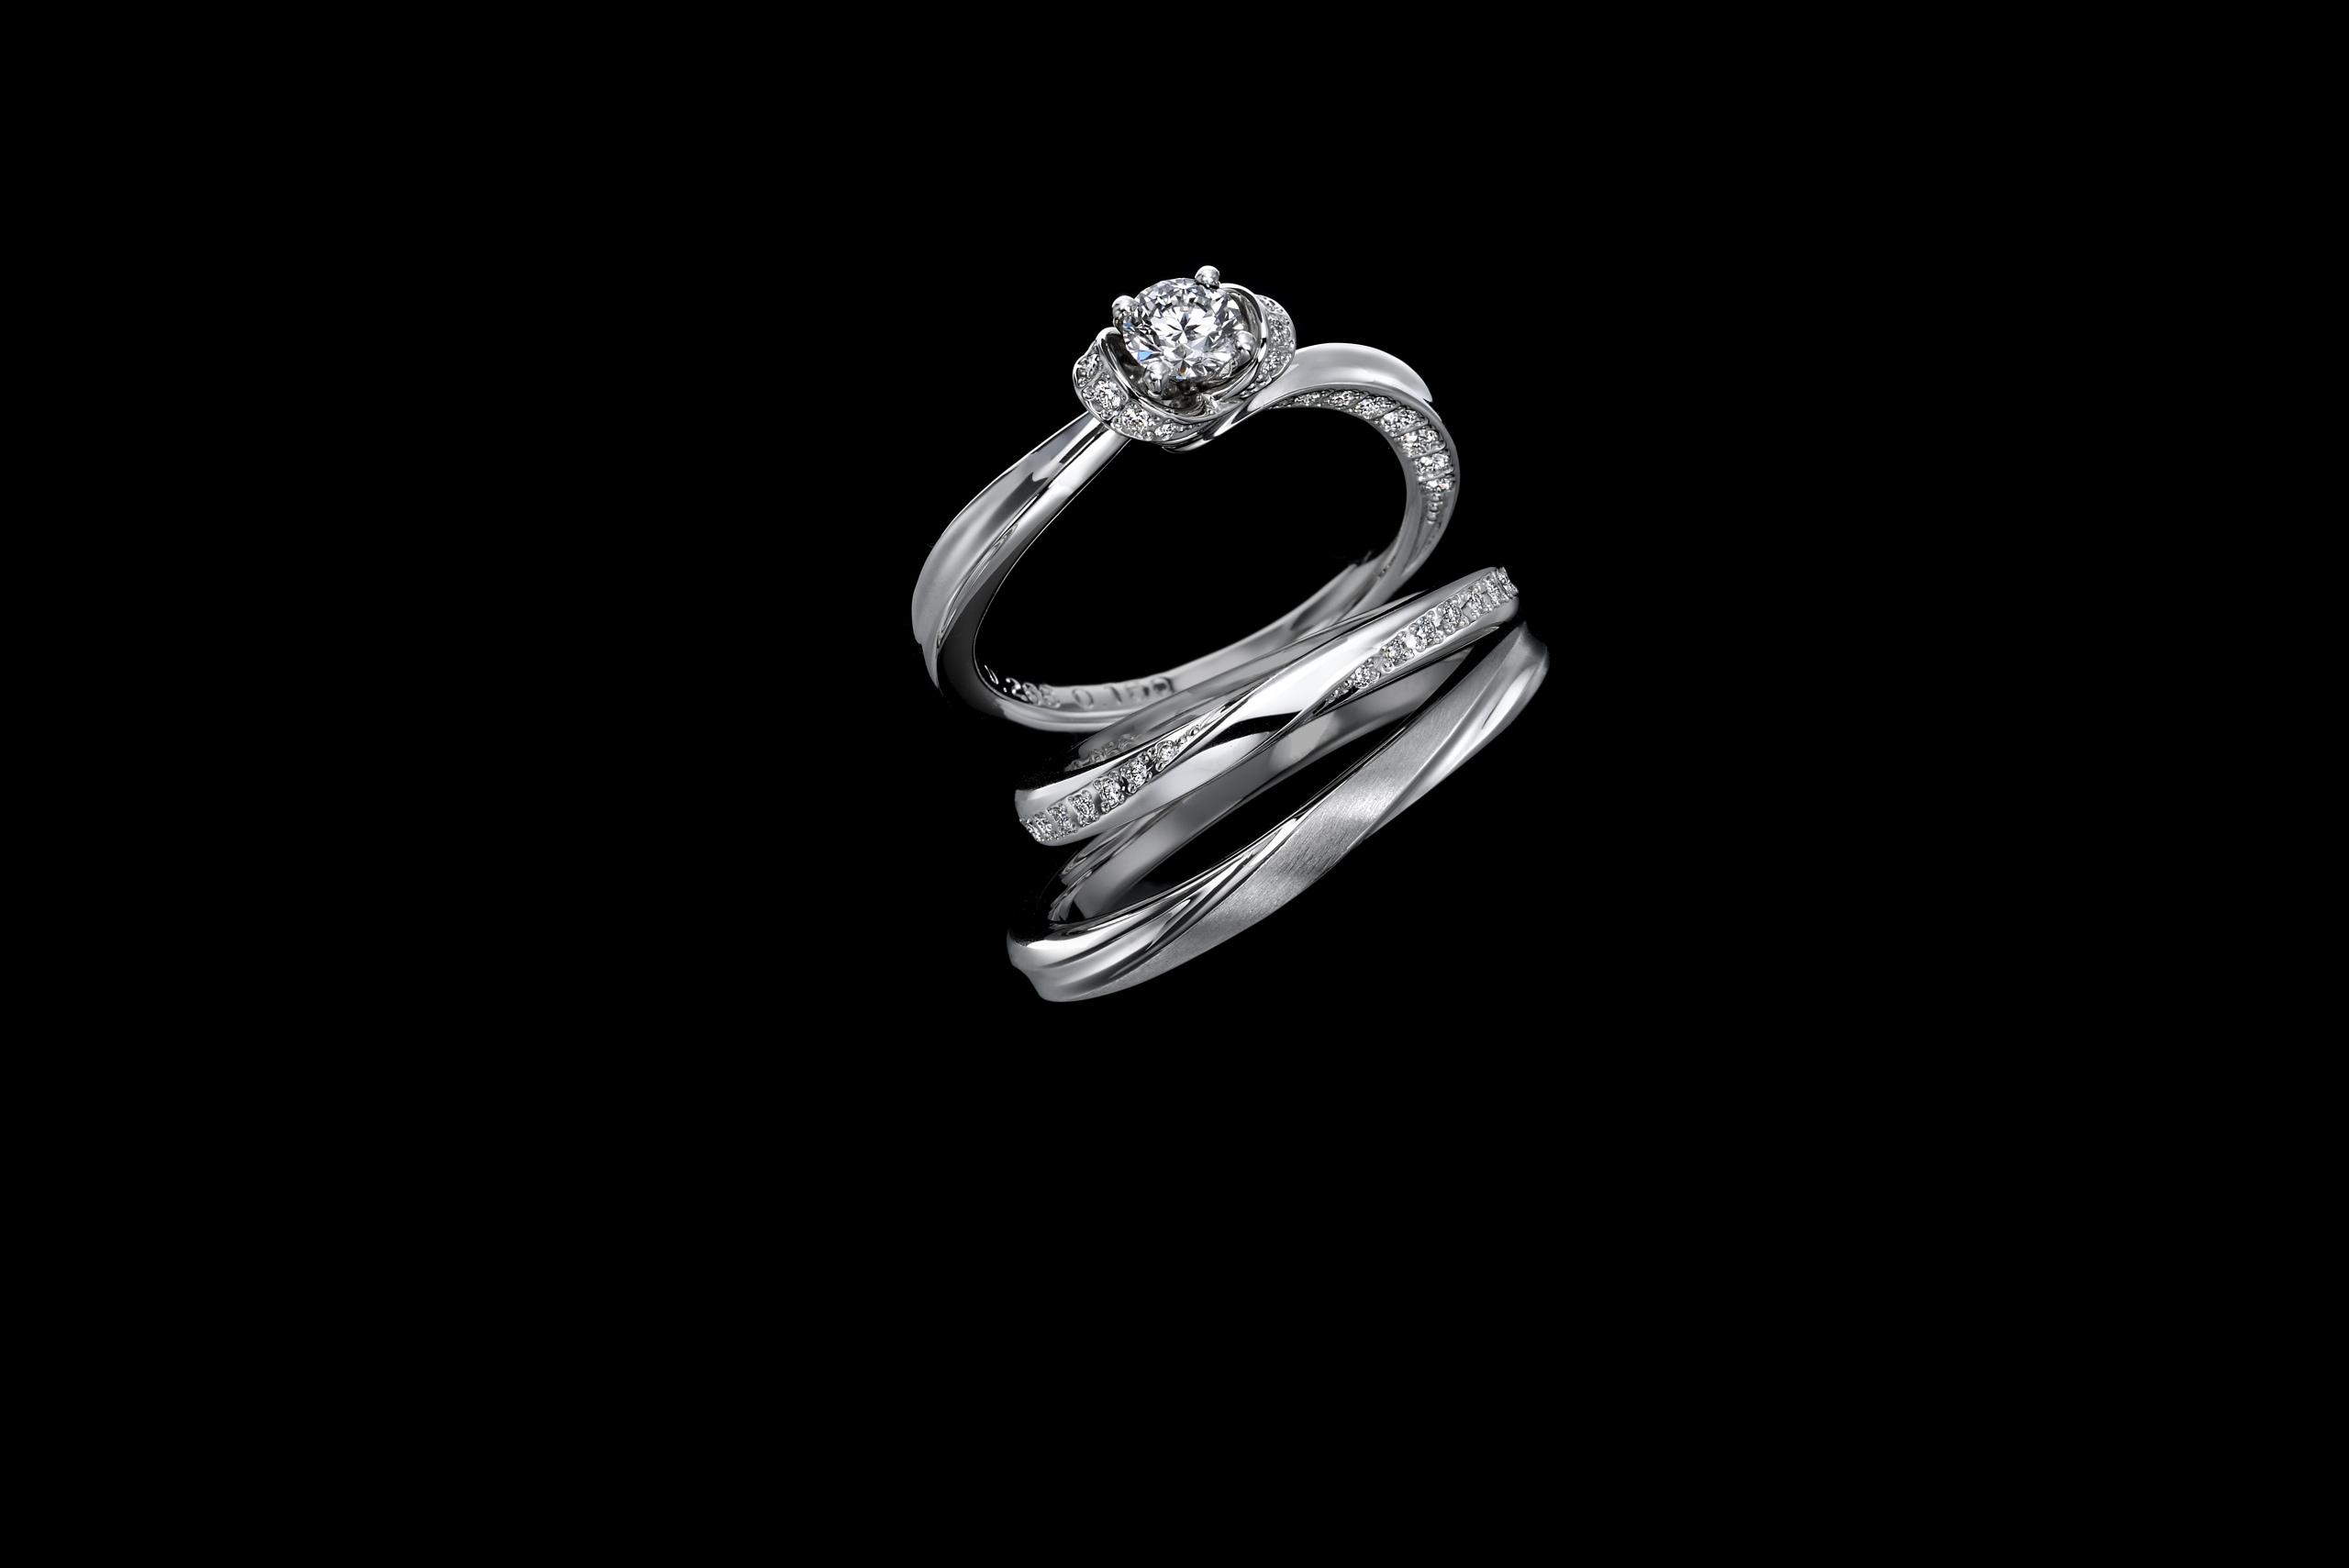 ゴージャスな見た目に惹かれる女性多数「メレダイヤ」つき婚約指輪のイメージ